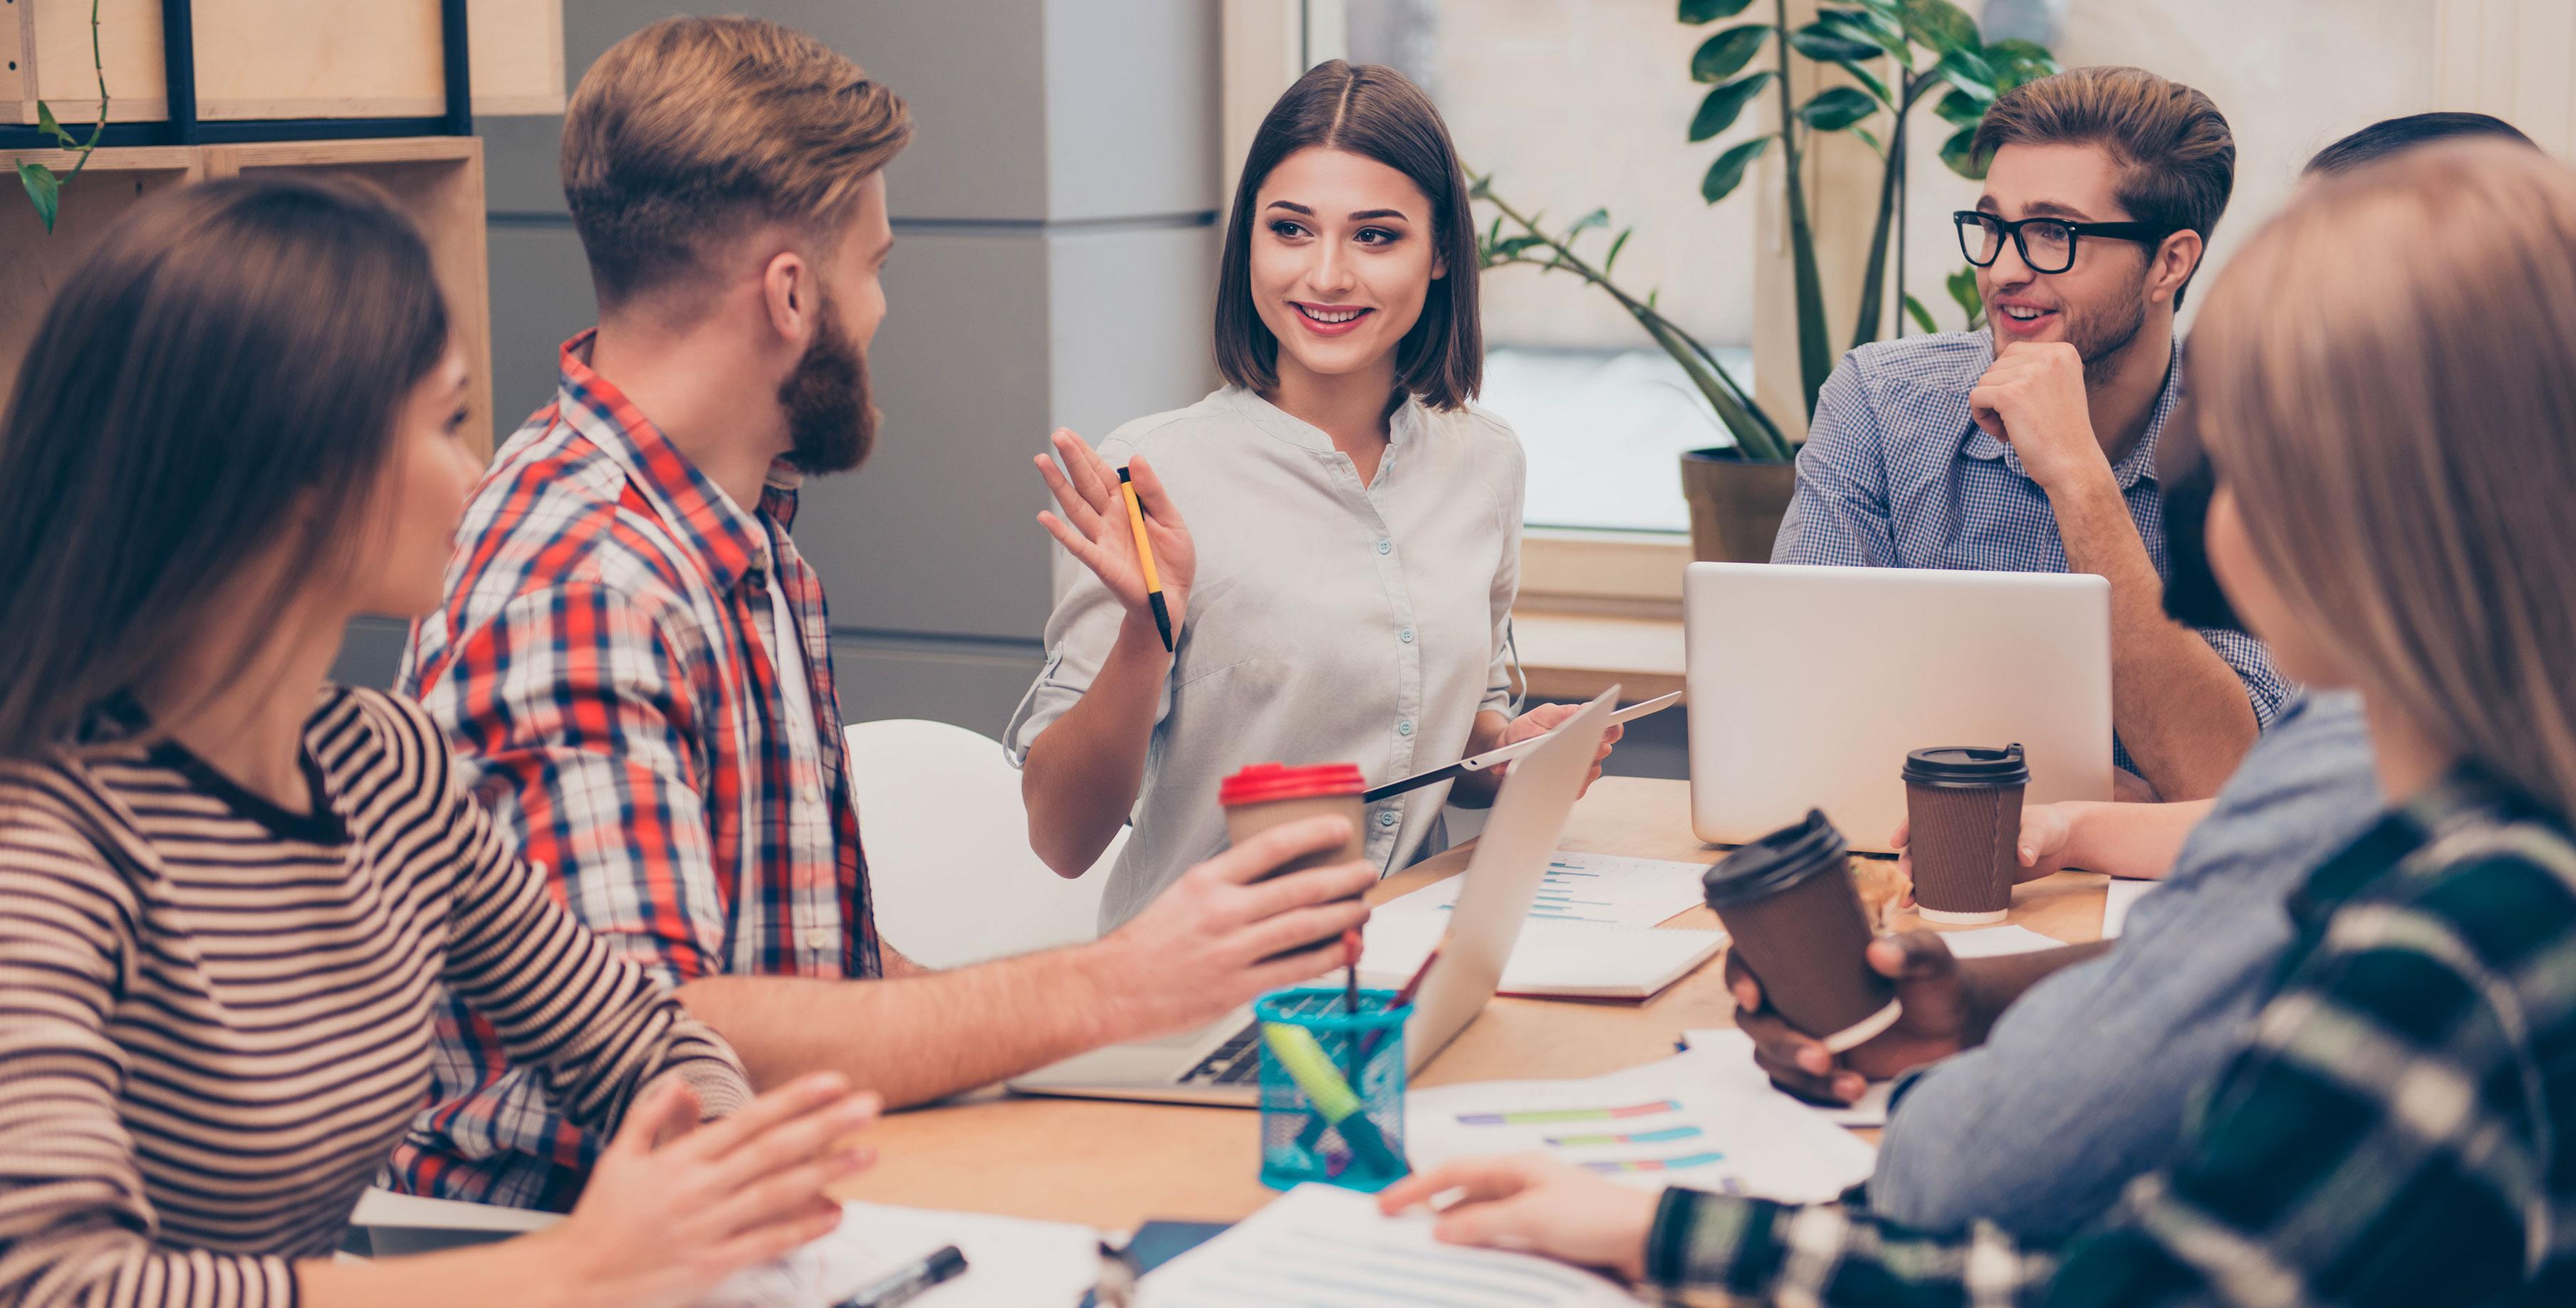 Apprendre à ses salariés à communiquer : comment faire ?